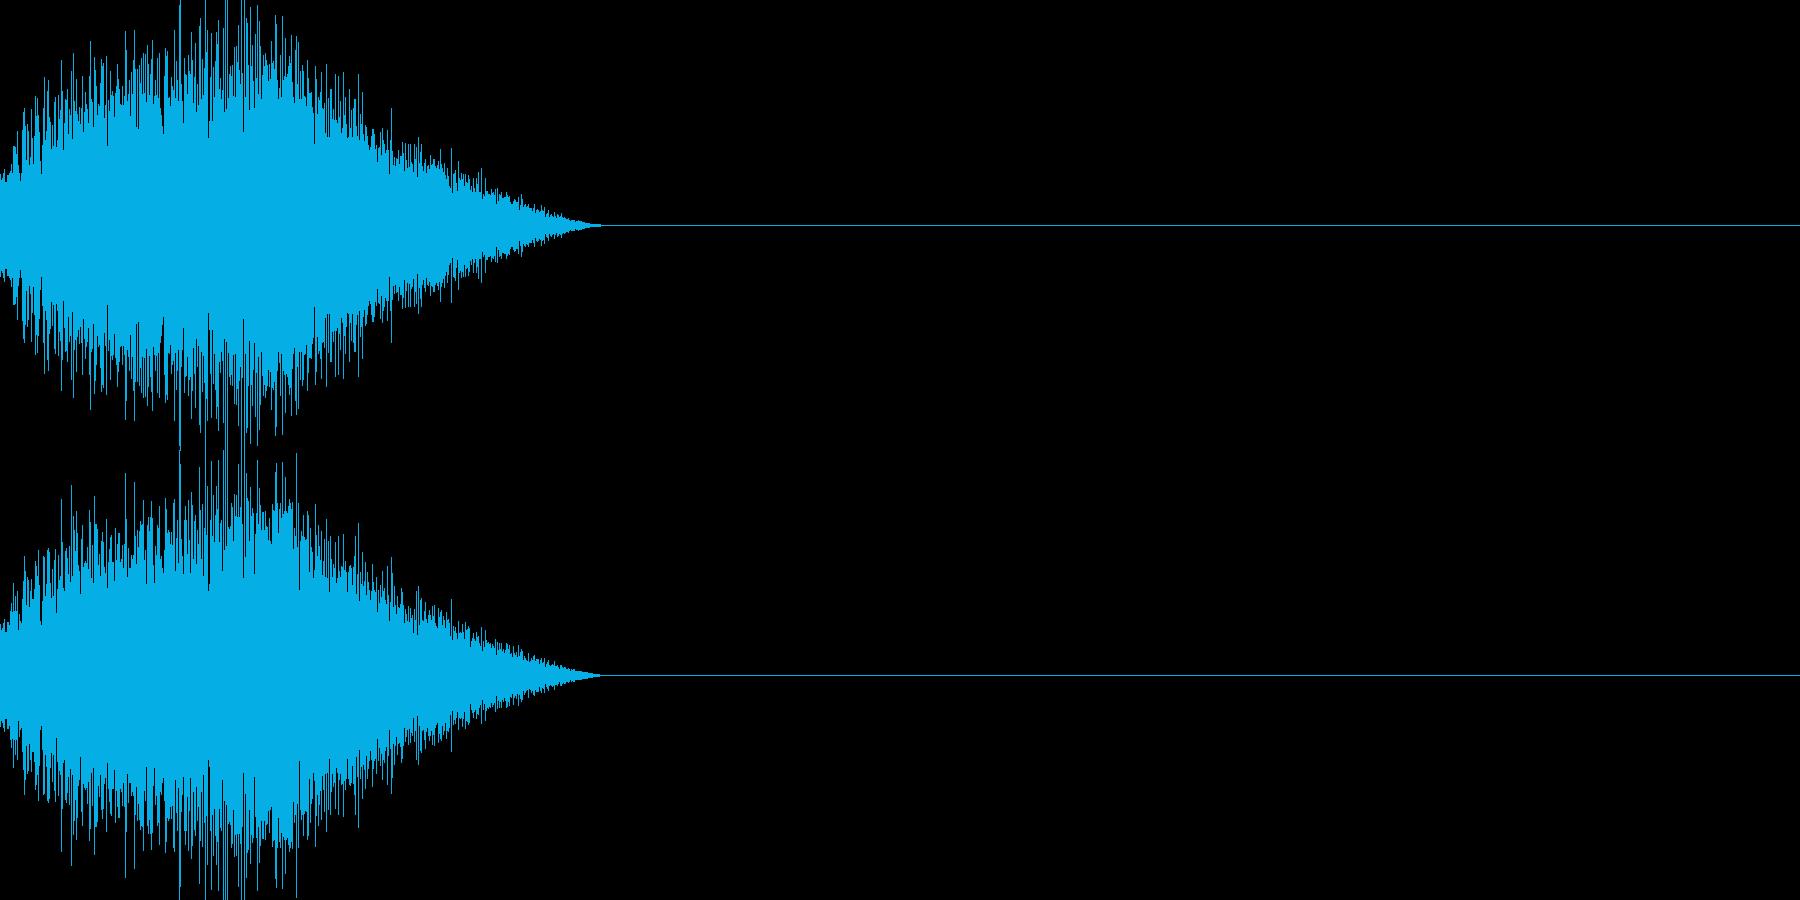 魔法 きめ細かい音の再生済みの波形